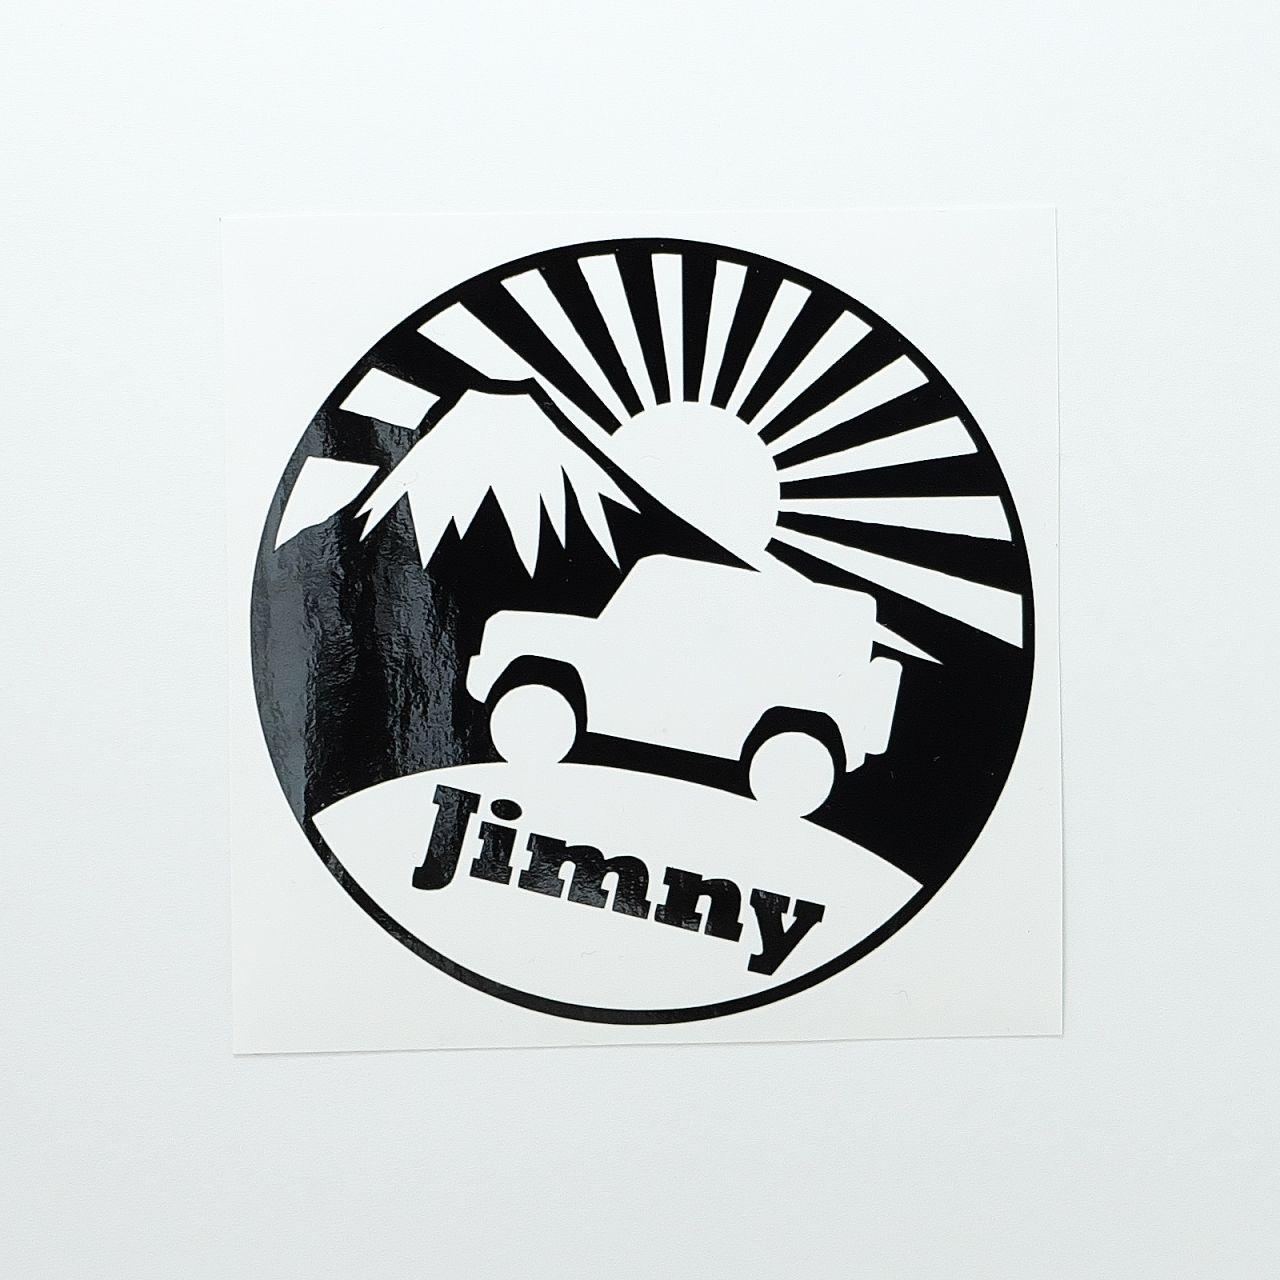 ステッカー ジムニー 富士山 ブラック ジムニー ステッカー ステッカー ジムニー